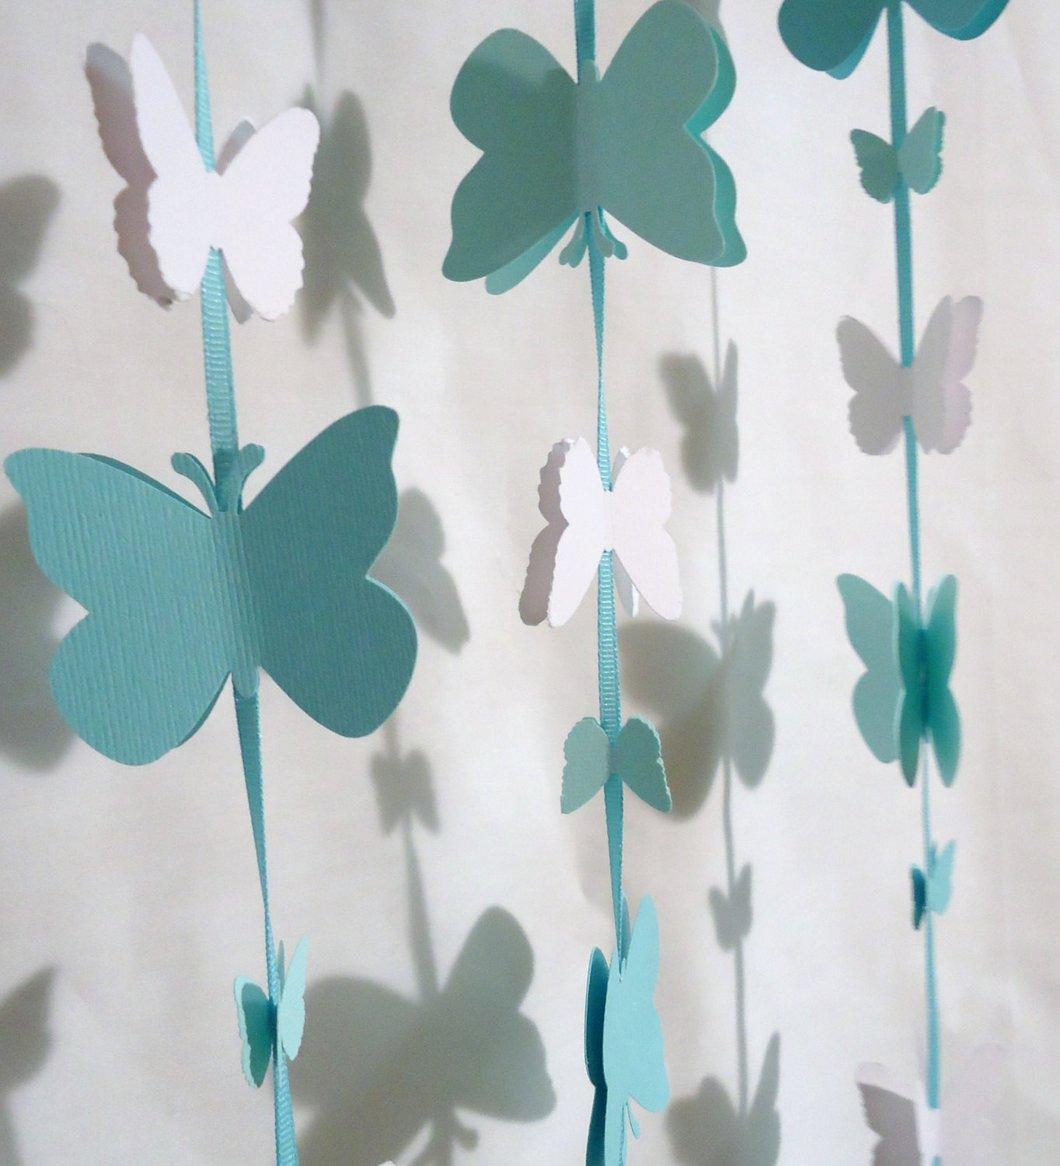 Гирлянда бабочки из бумаги